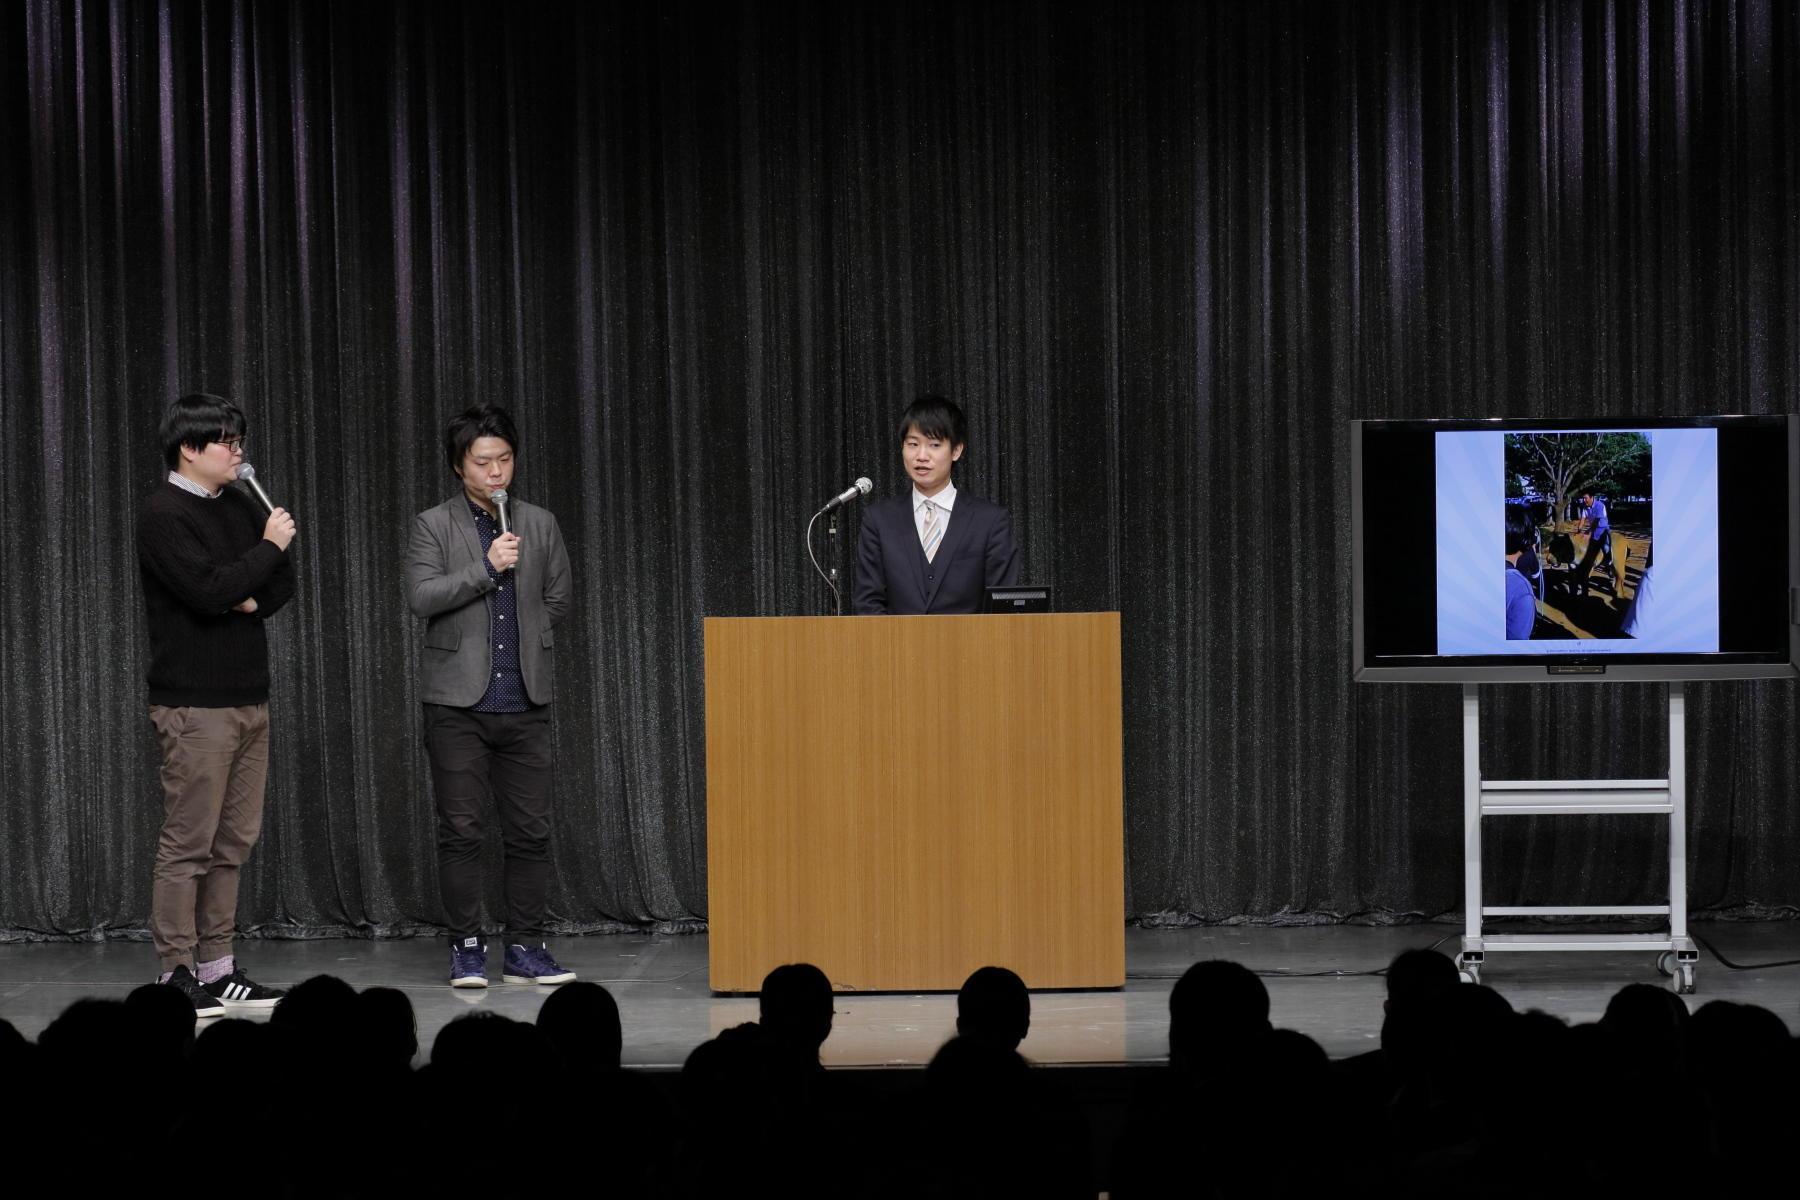 http://news.yoshimoto.co.jp/20170315170542-ac4a18a13fc77592798afc93f7e7ae1cceaba73f.jpg